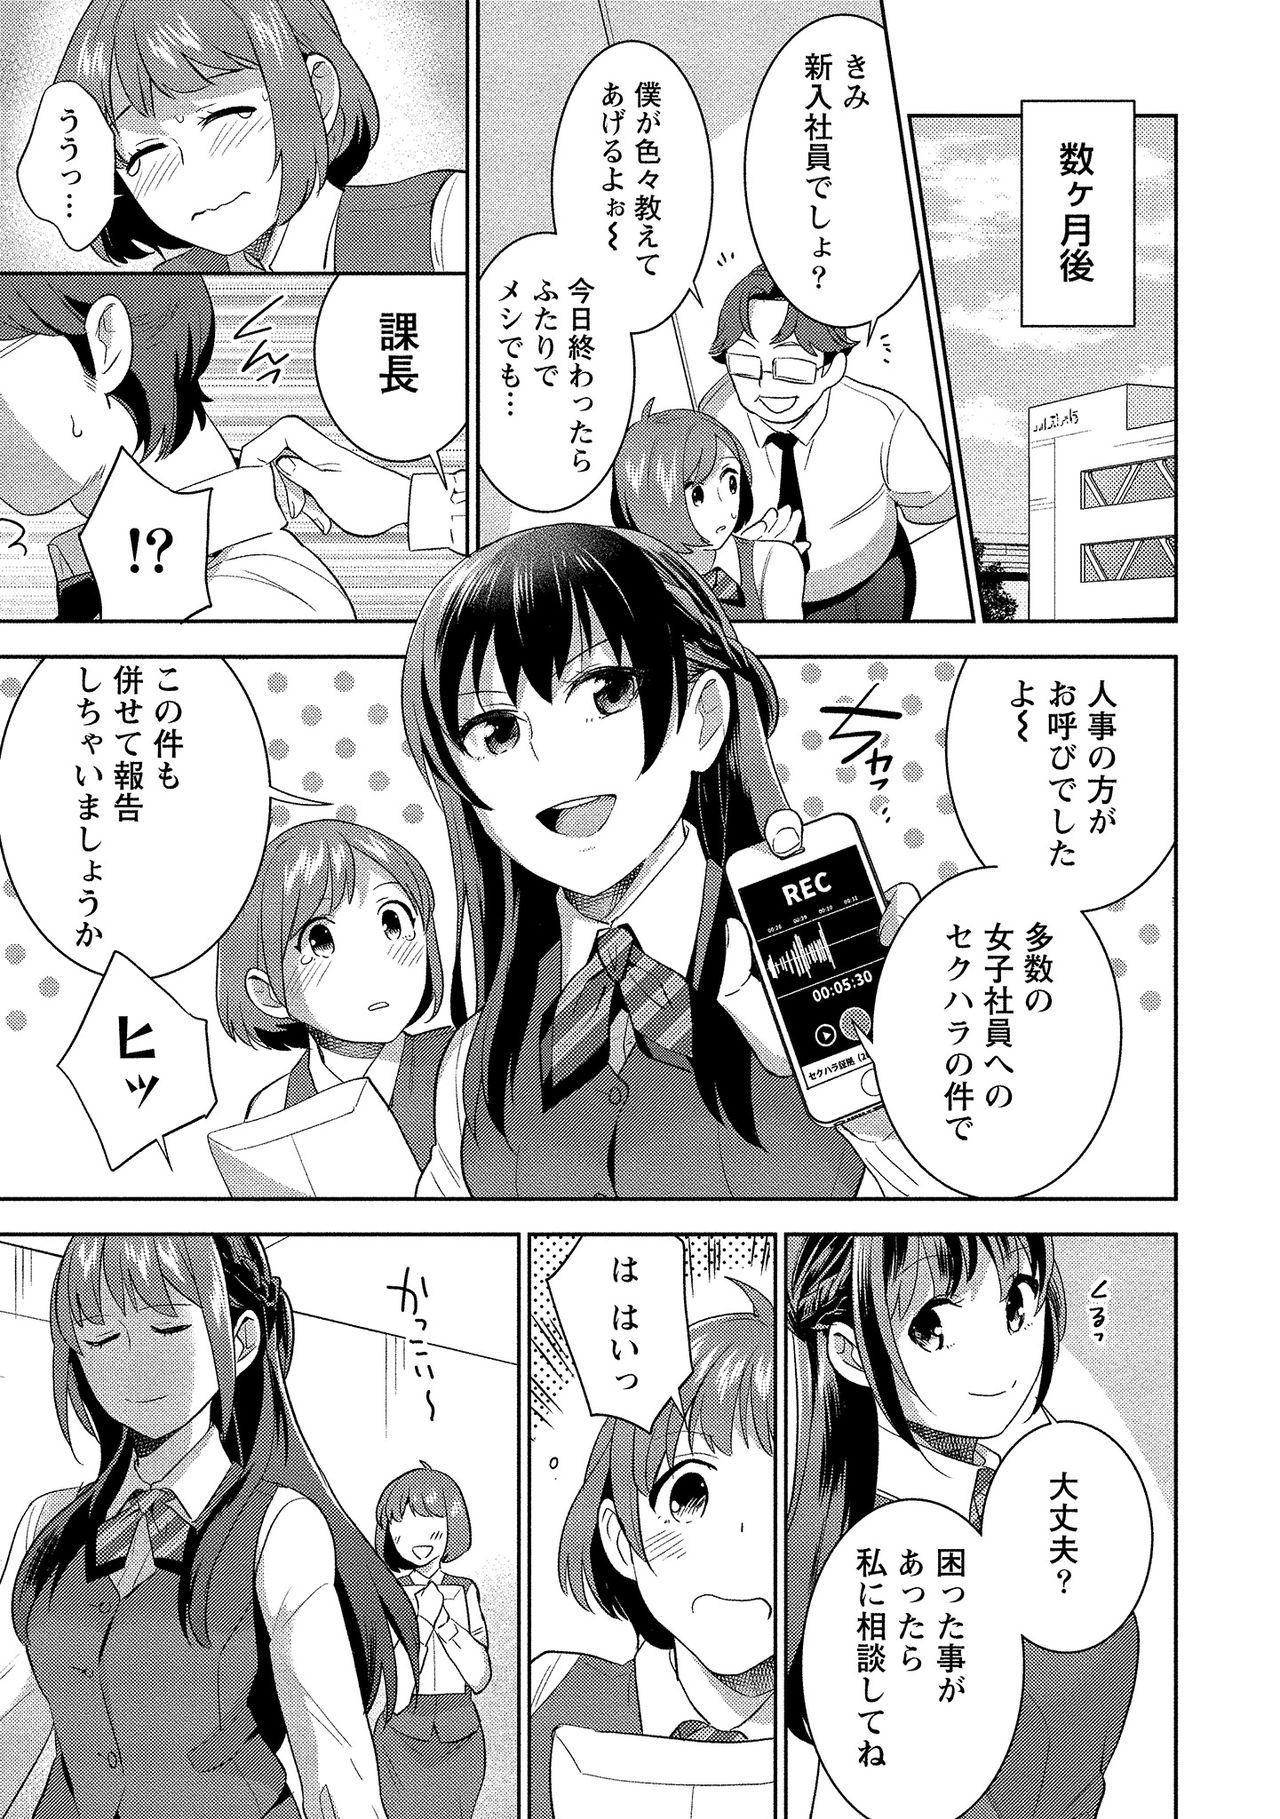 Dorobou Neko wa Kanojo no Hajimari 221